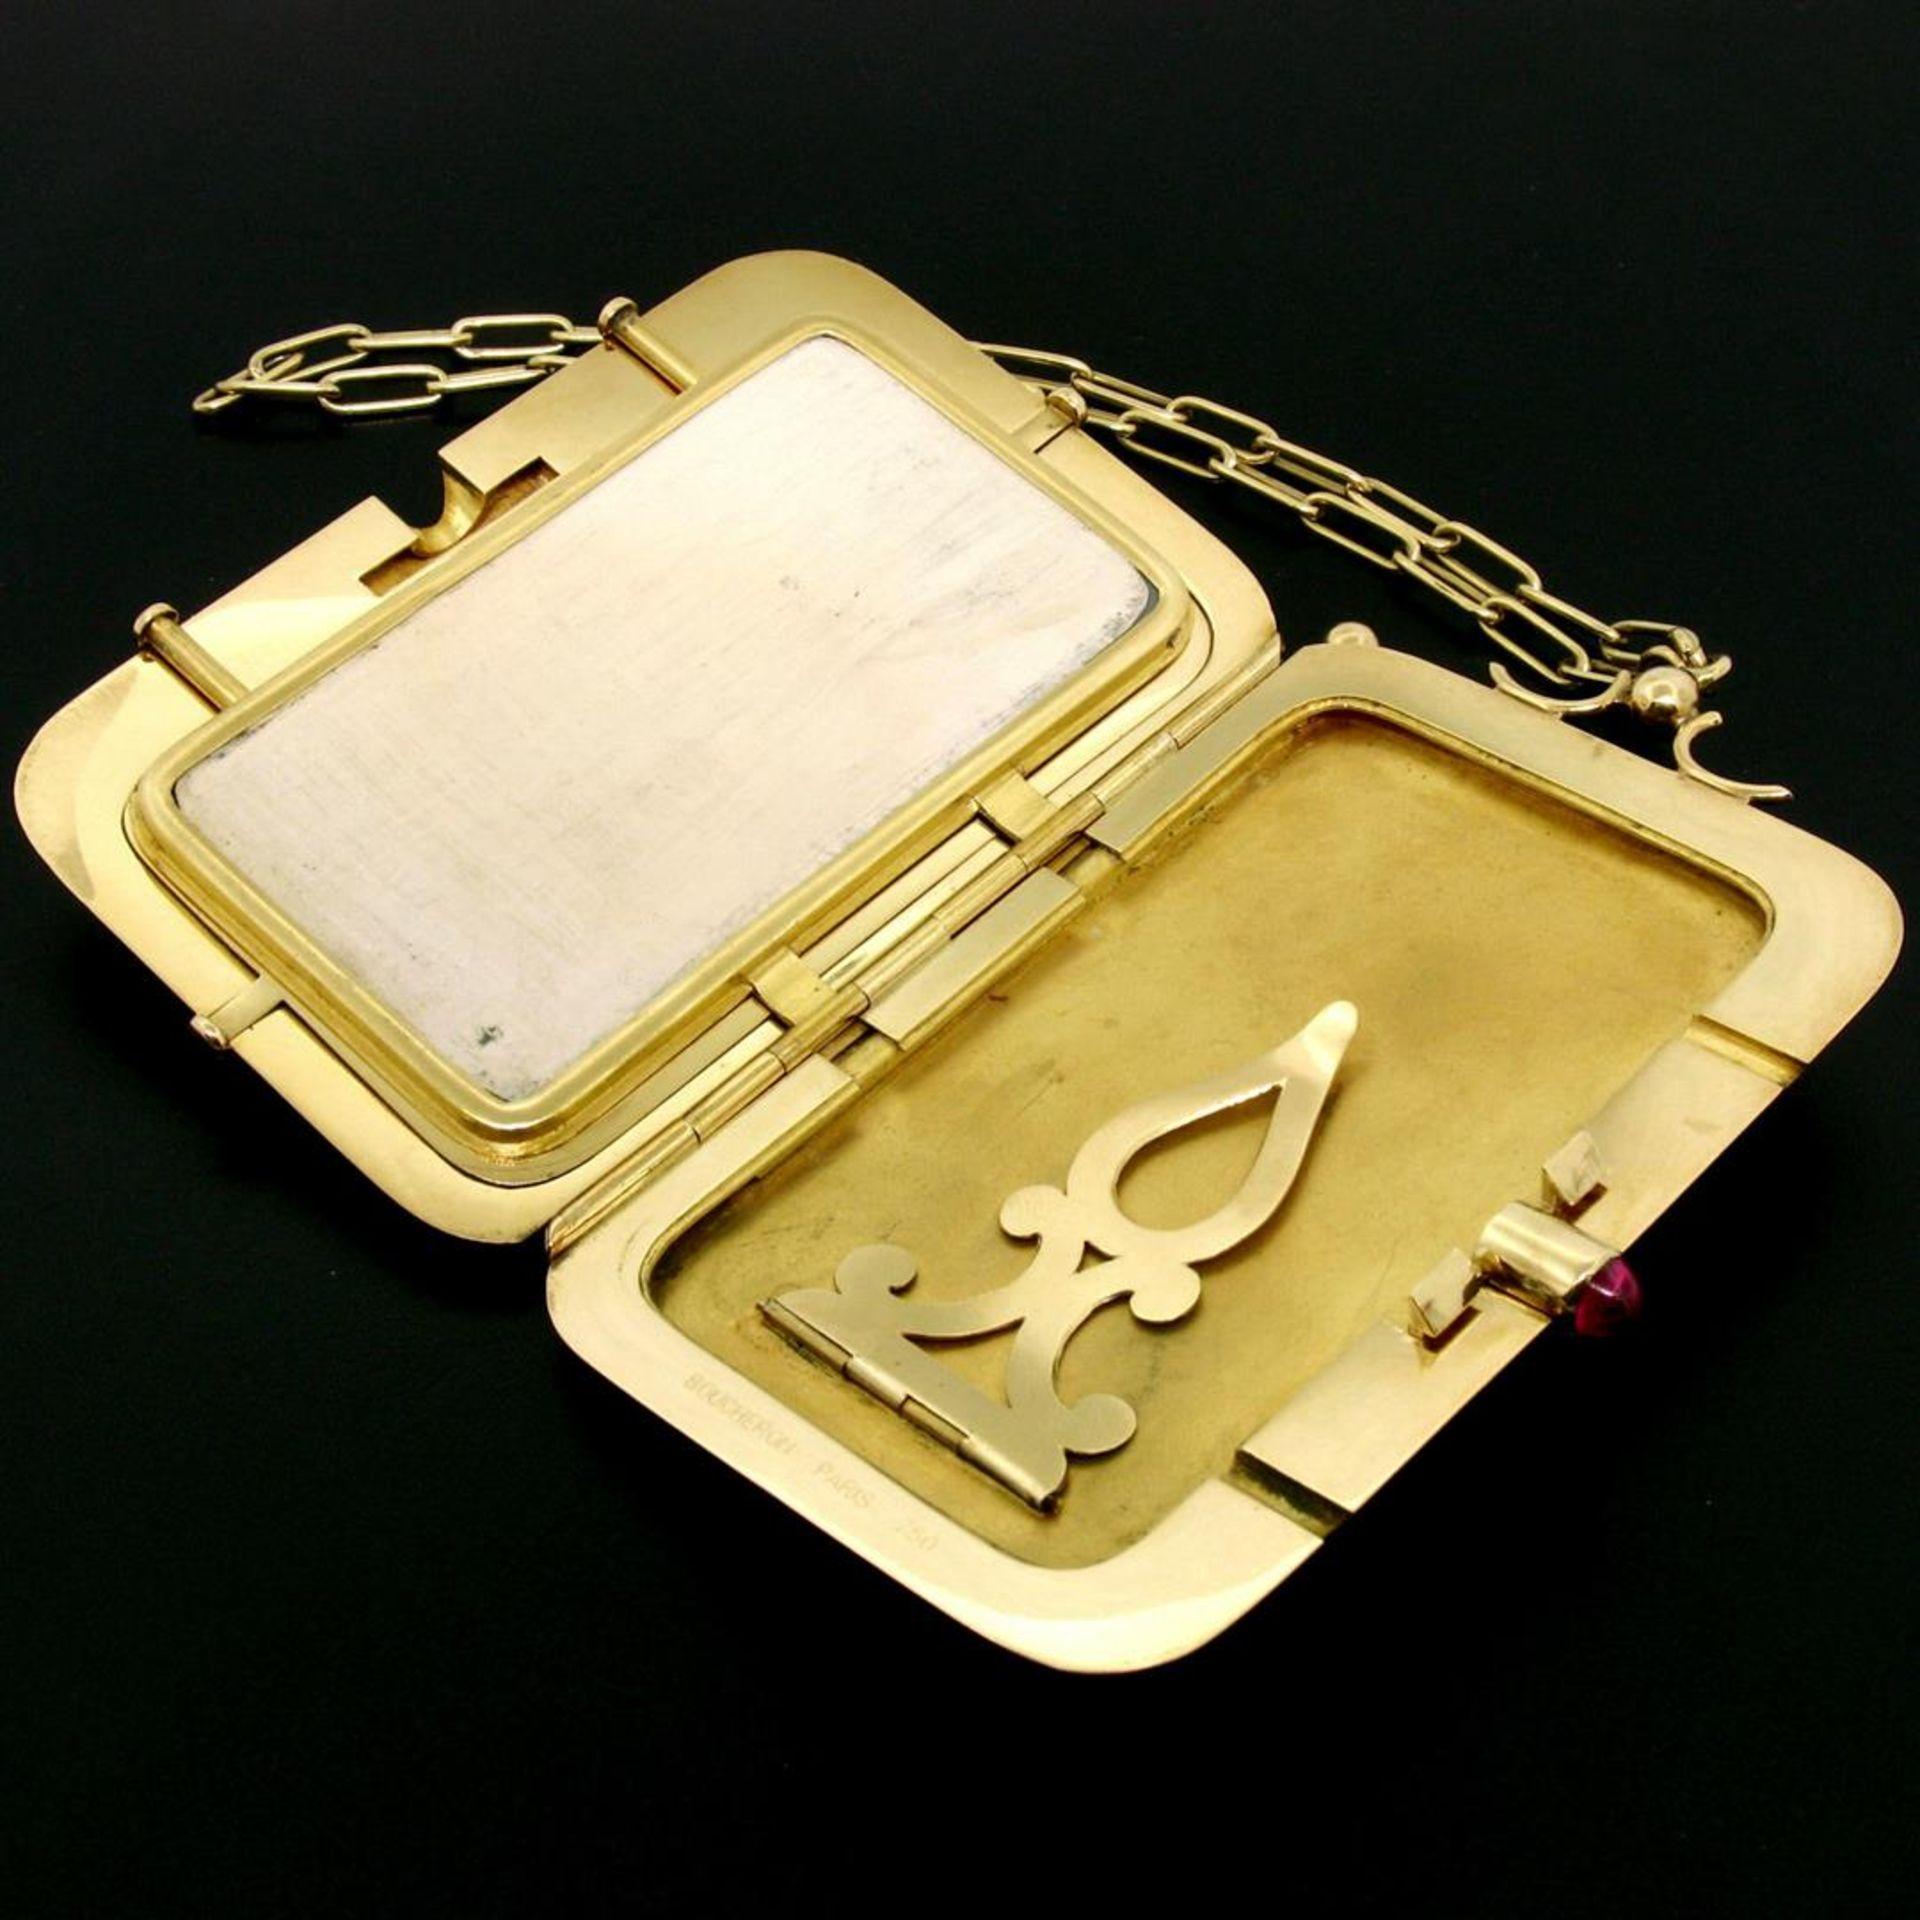 Vintage BOUCHERON Paris 18k Tri Color Gold Ruby Compact Powder Case - Image 8 of 9